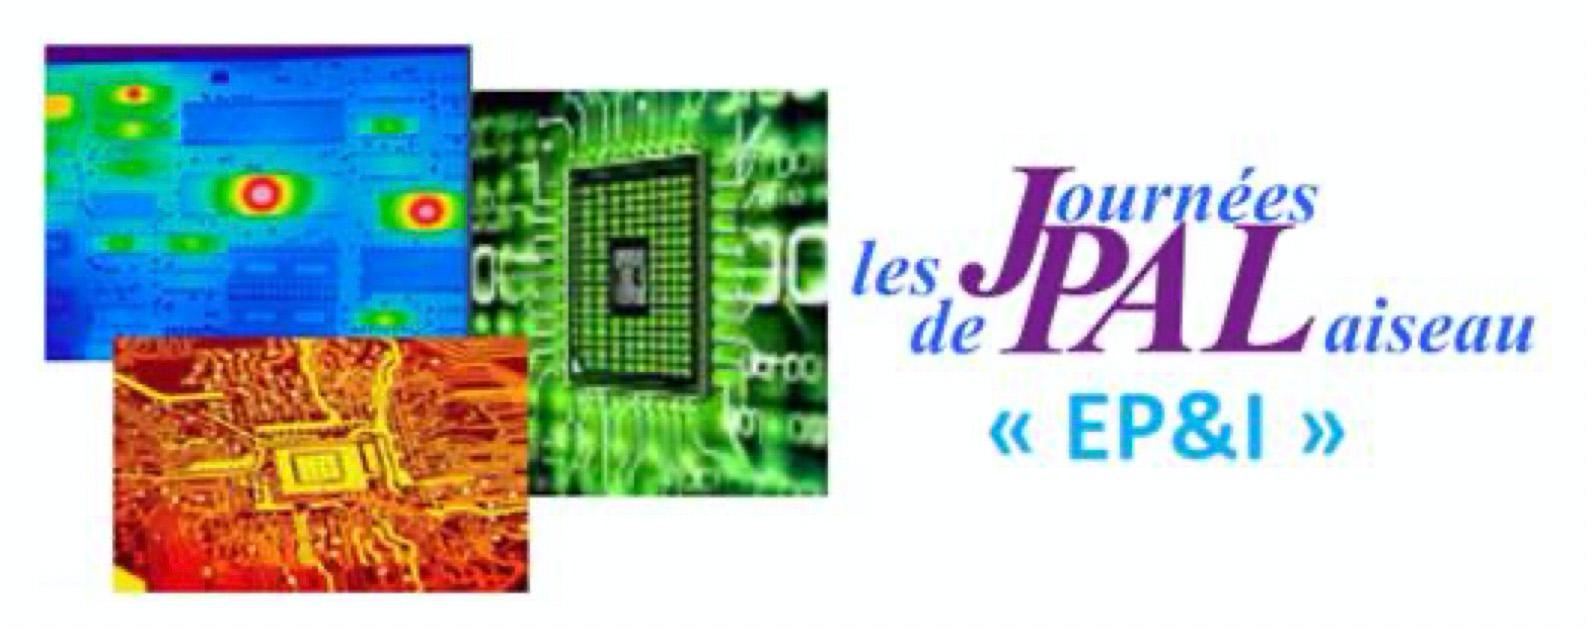 TAS's Les Journées de Palaiseau EP&I